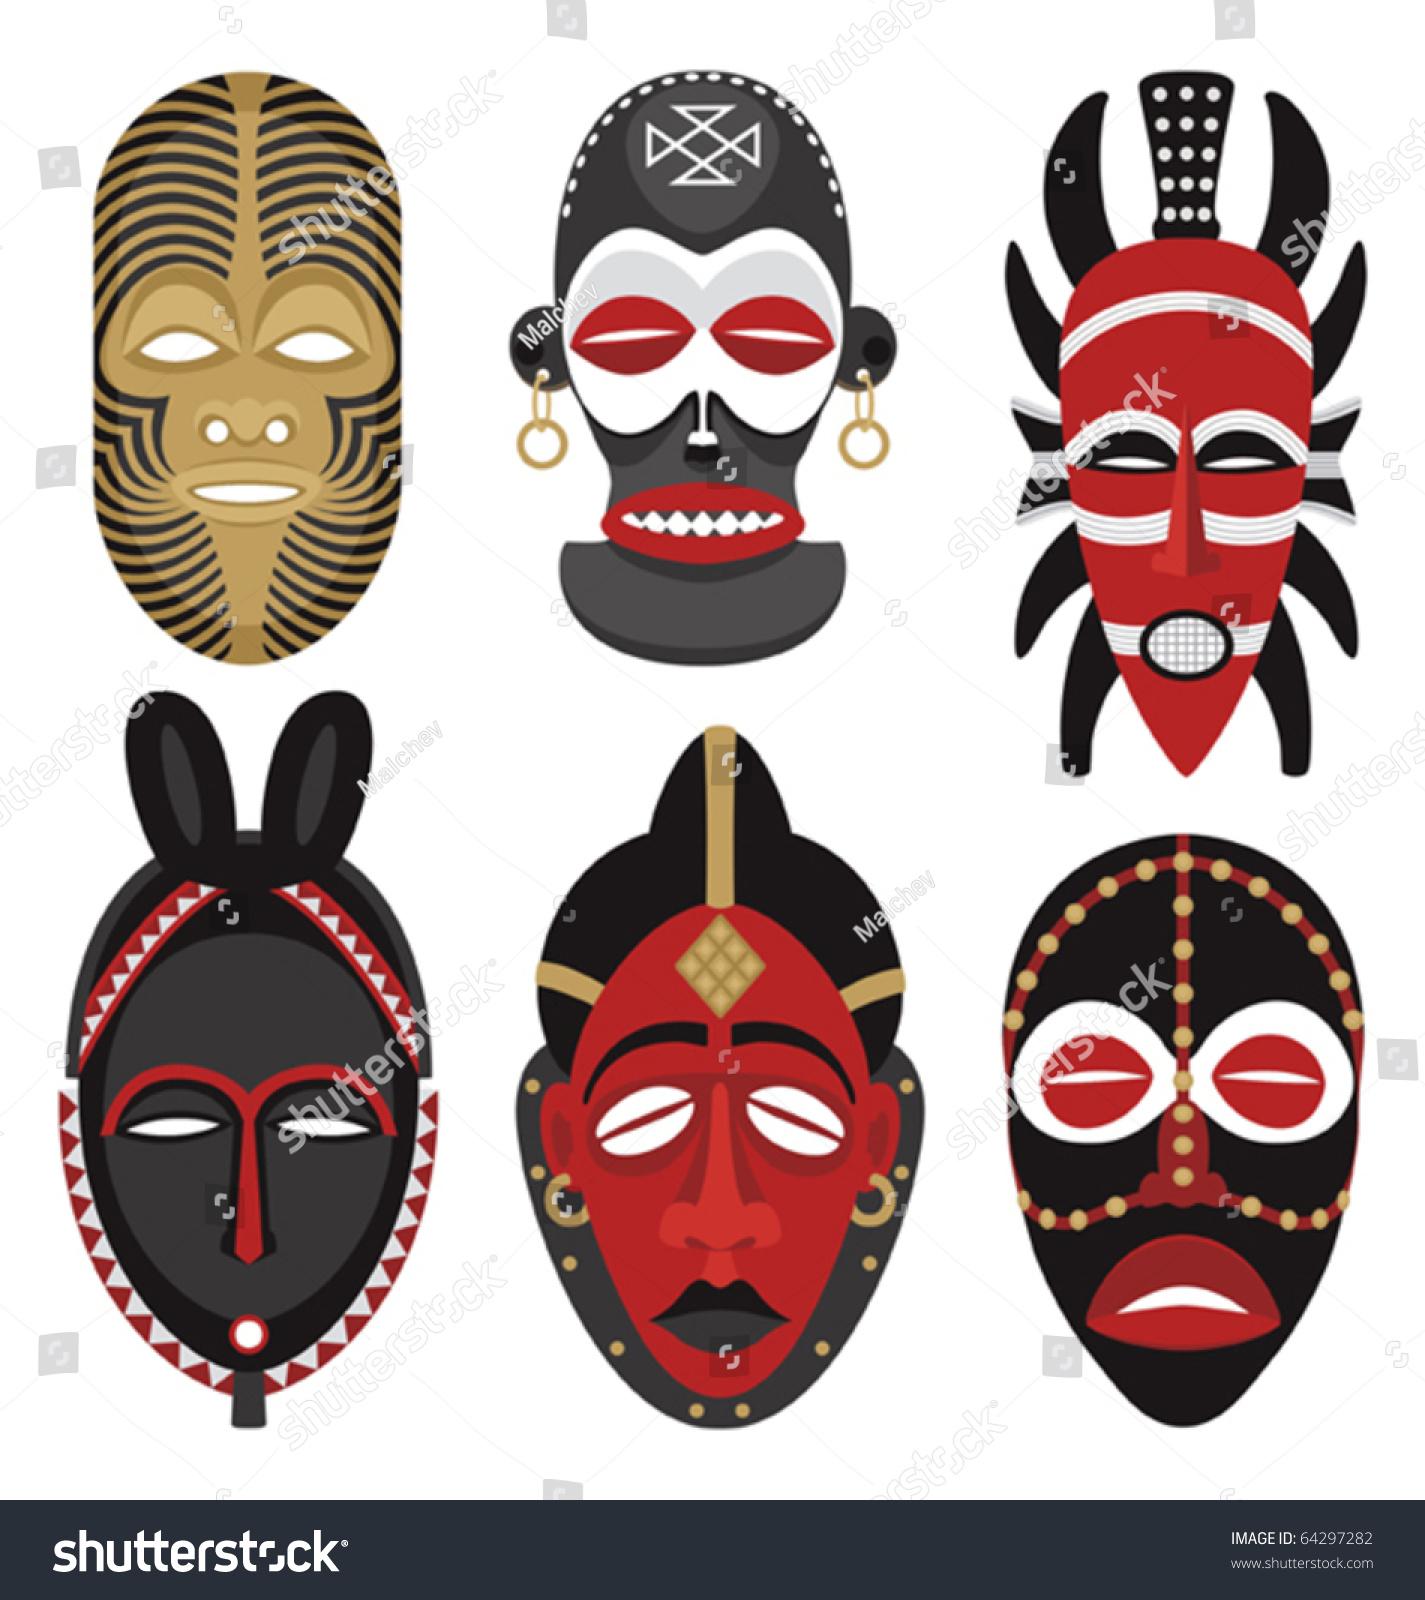 Six African Masks Stock Vector 64297282 - Shutterstock